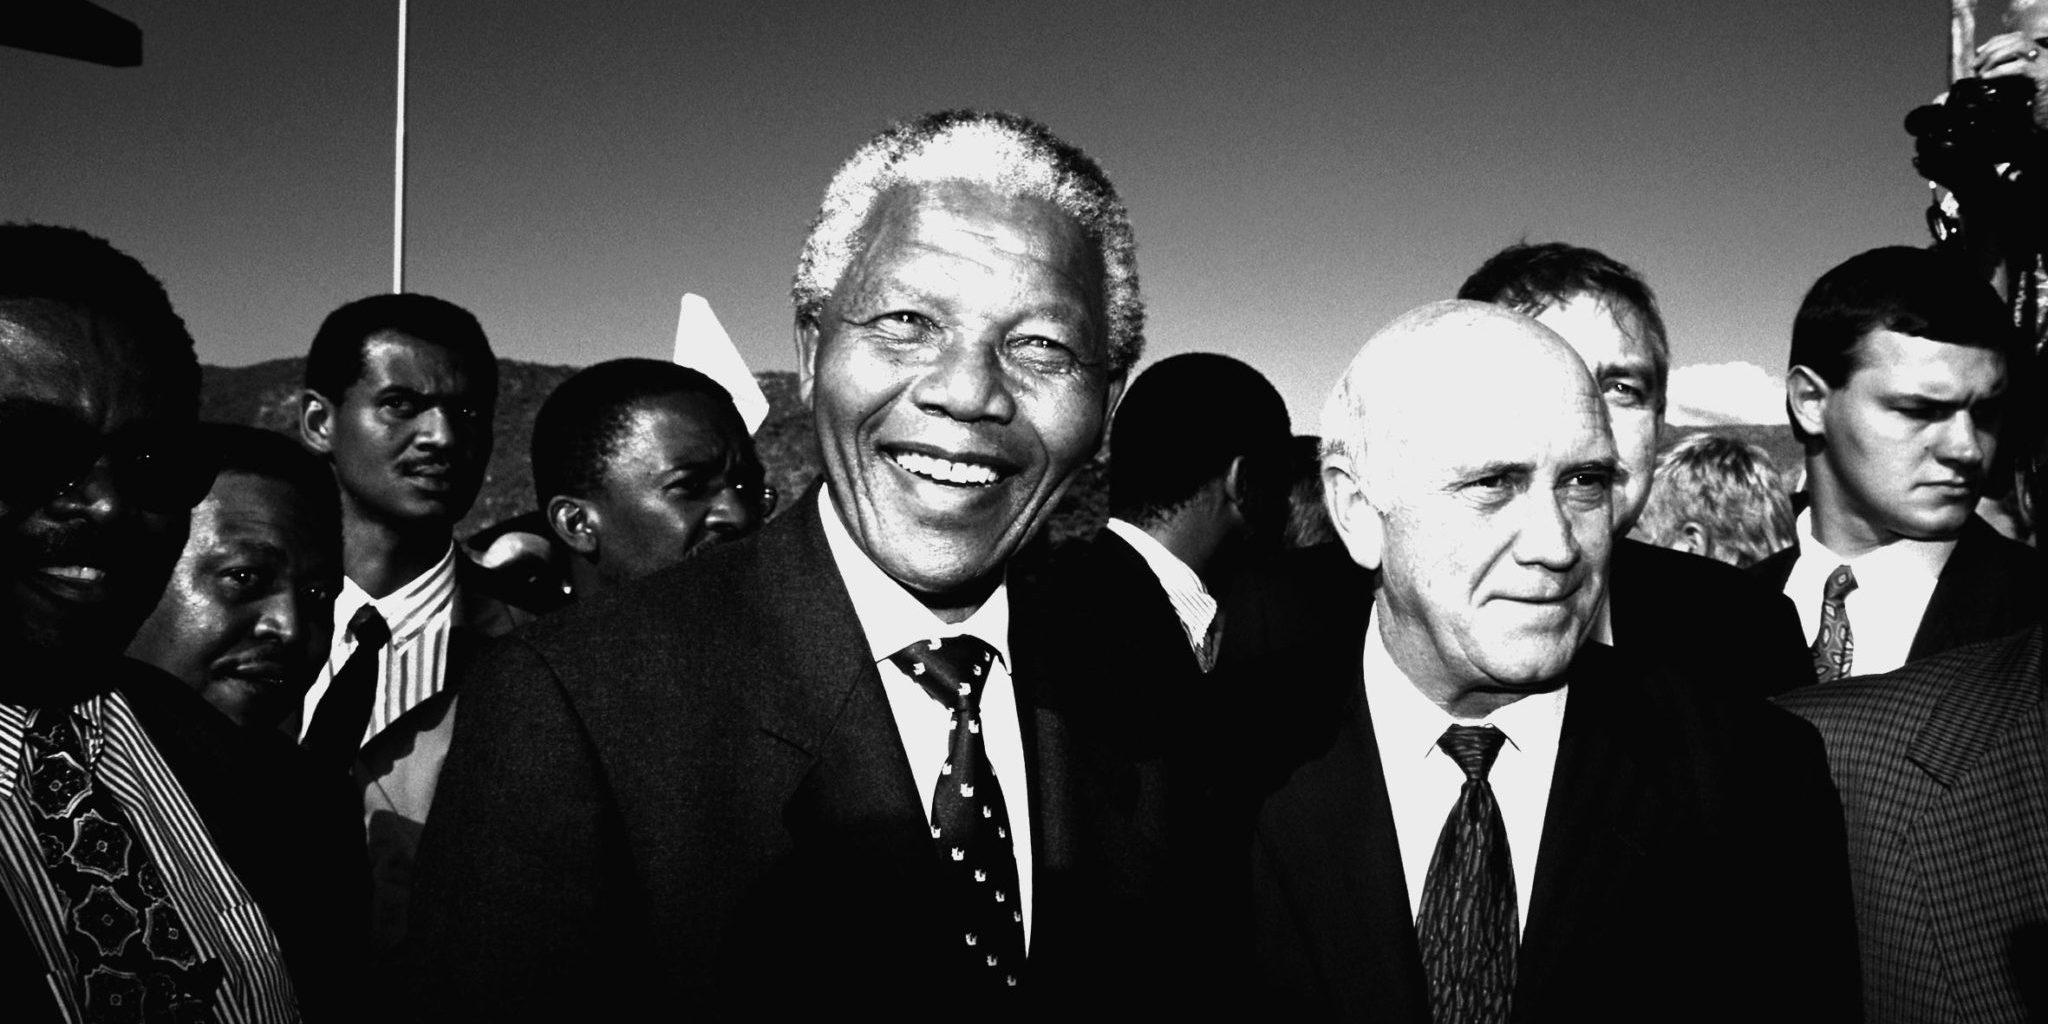 Nelson Mandela and F.W. de Klerk in Moria